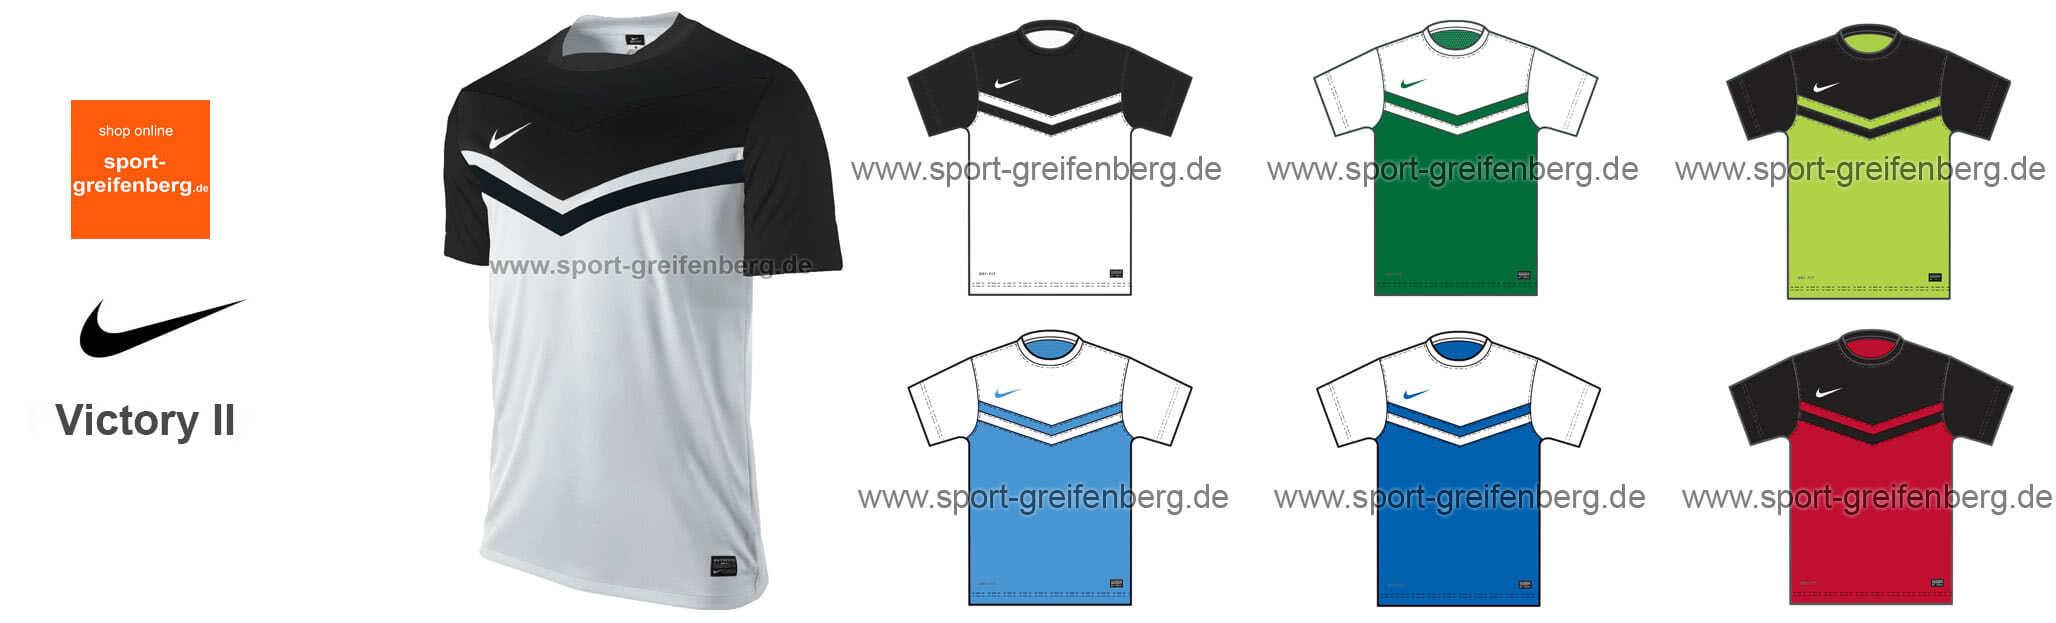 new product 61820 d13c3 neue Nike Trikots für 2014/2015 - Sportartikel und ...